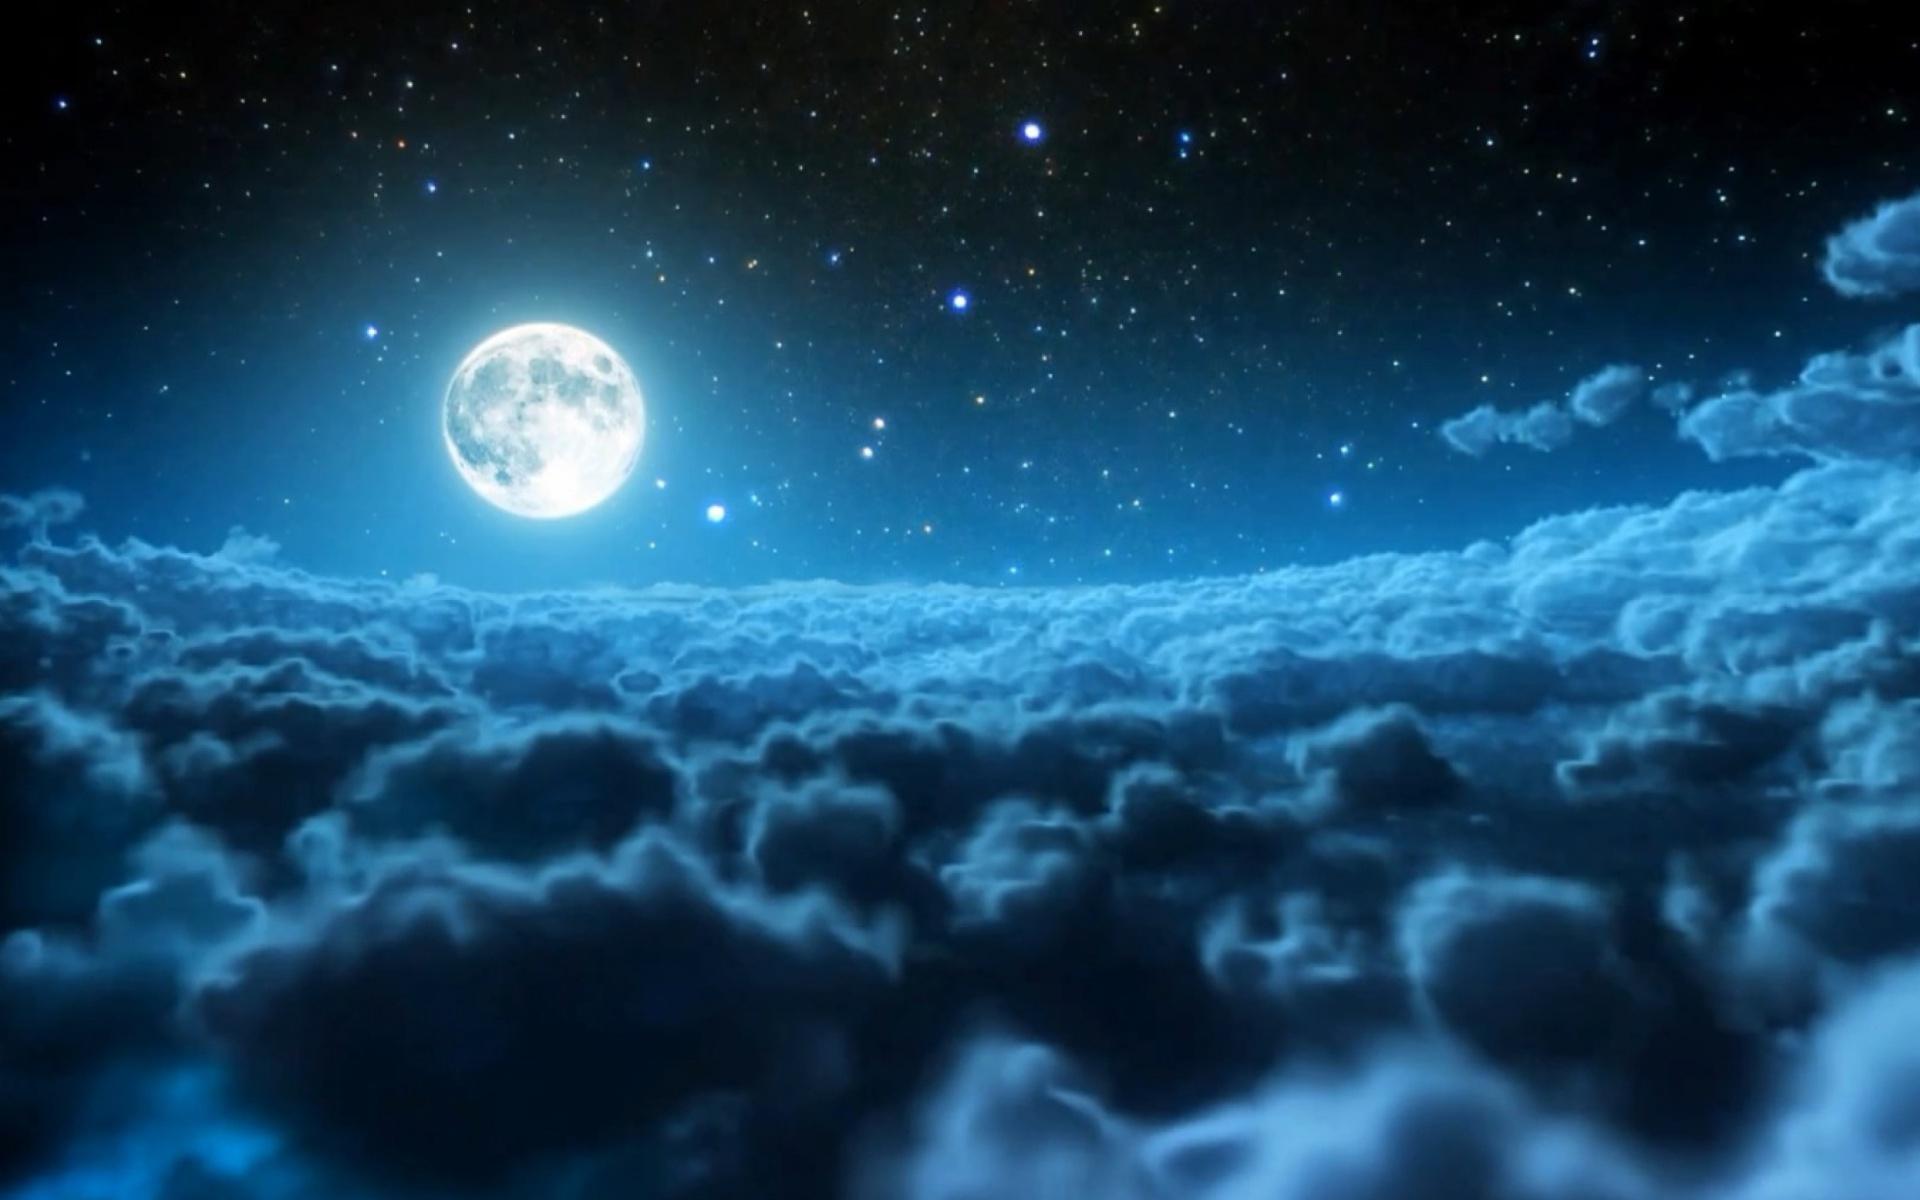 Night Sky Wallpaper Hd - Moon Scenery , HD Wallpaper & Backgrounds